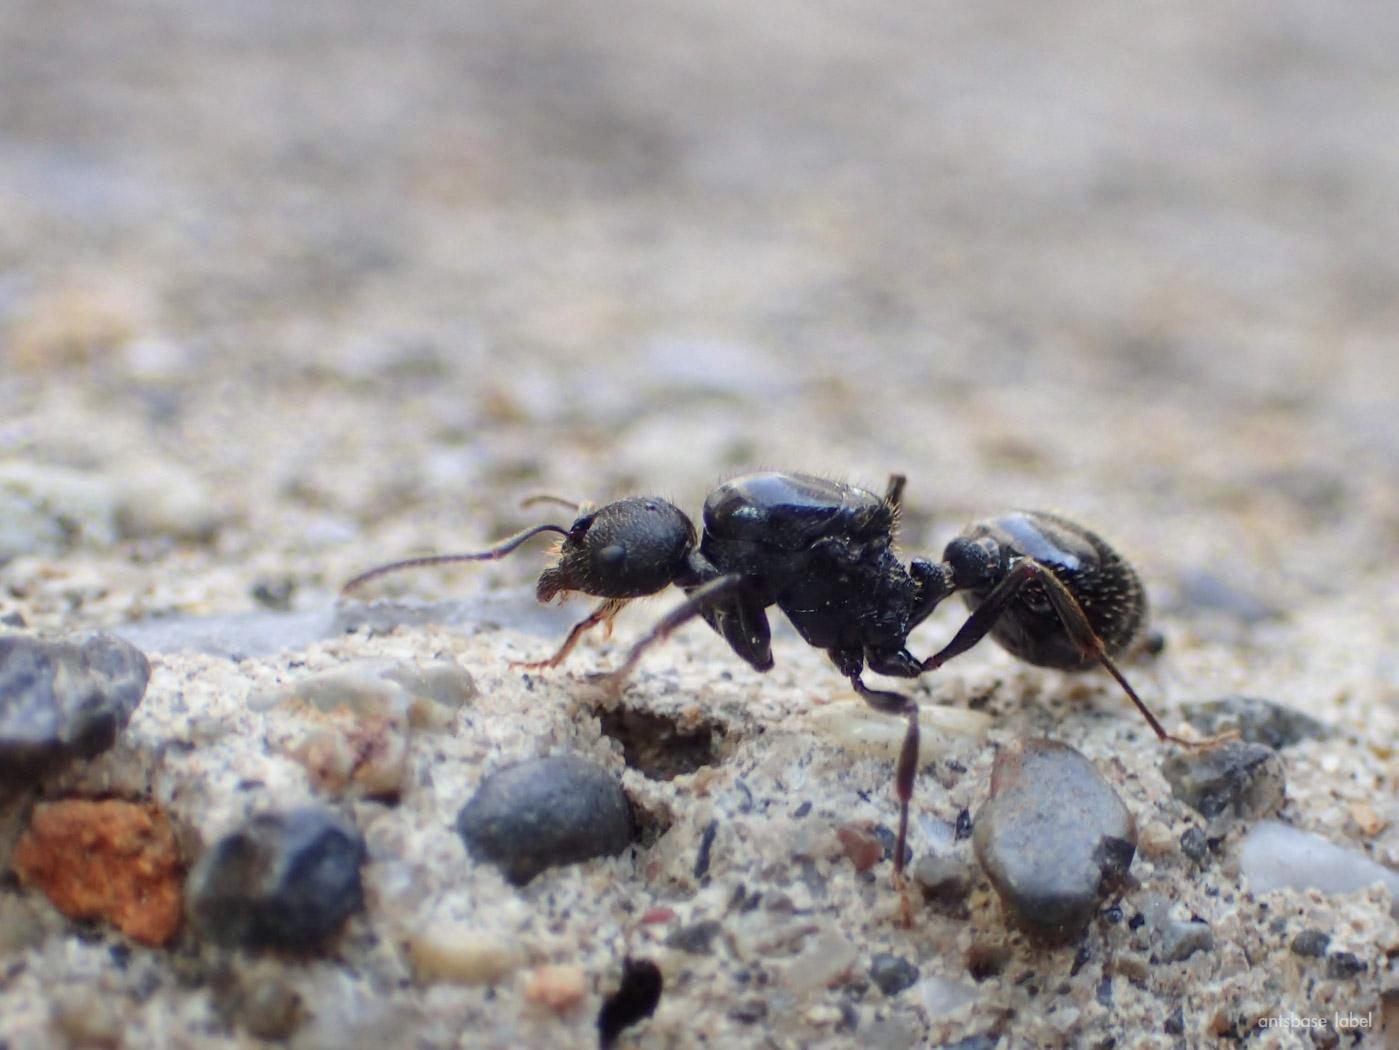 「新女王アリ」と「コロニー」最初に蟻を飼育するならどっち?